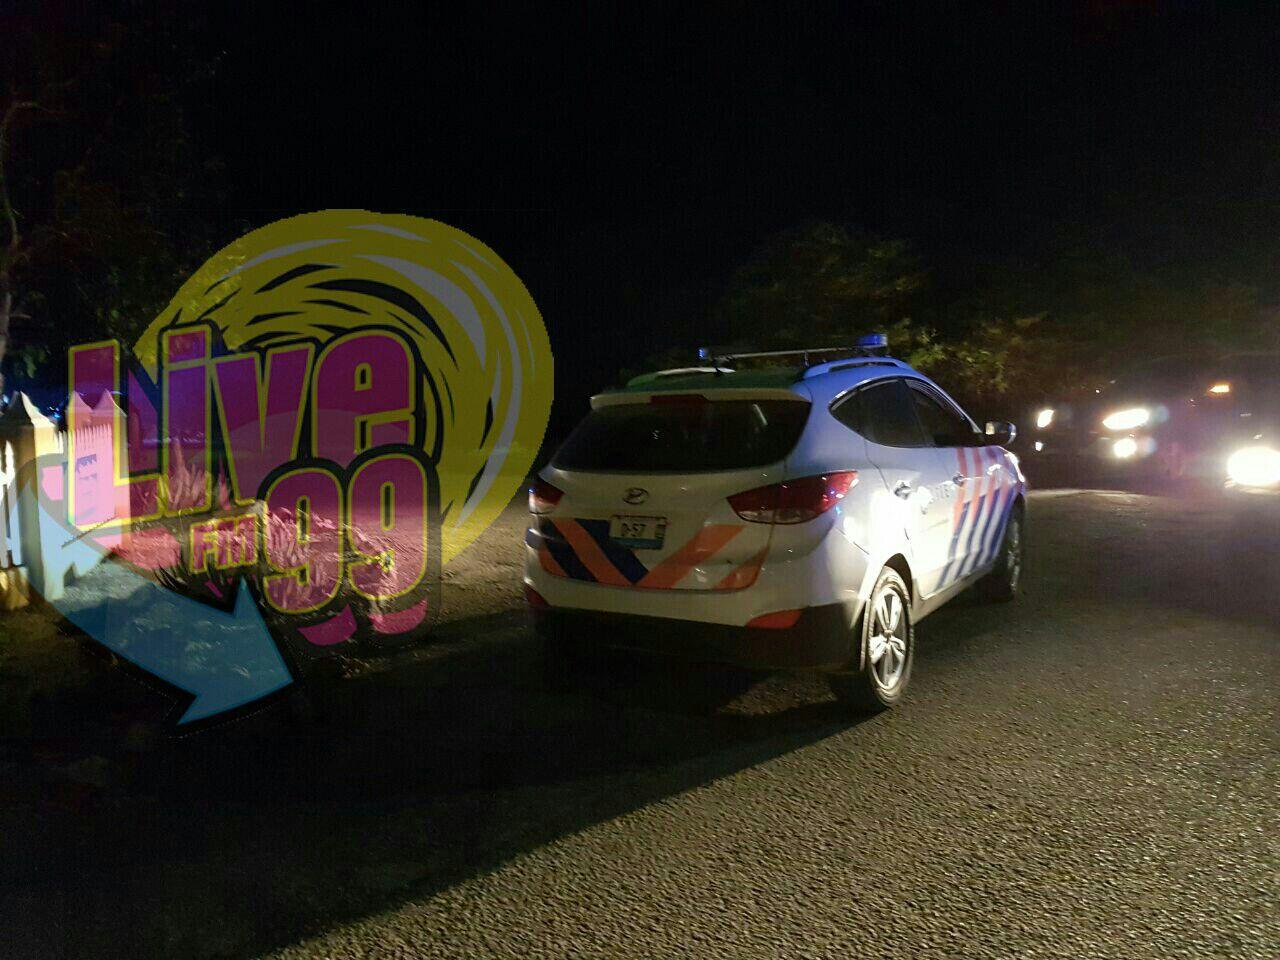 NOTISIA DI POLIS DI DJABIÈRNÈ 4 DI ÒKTOBER PA DJALUNA 7 DI ÒKTOBER 2019